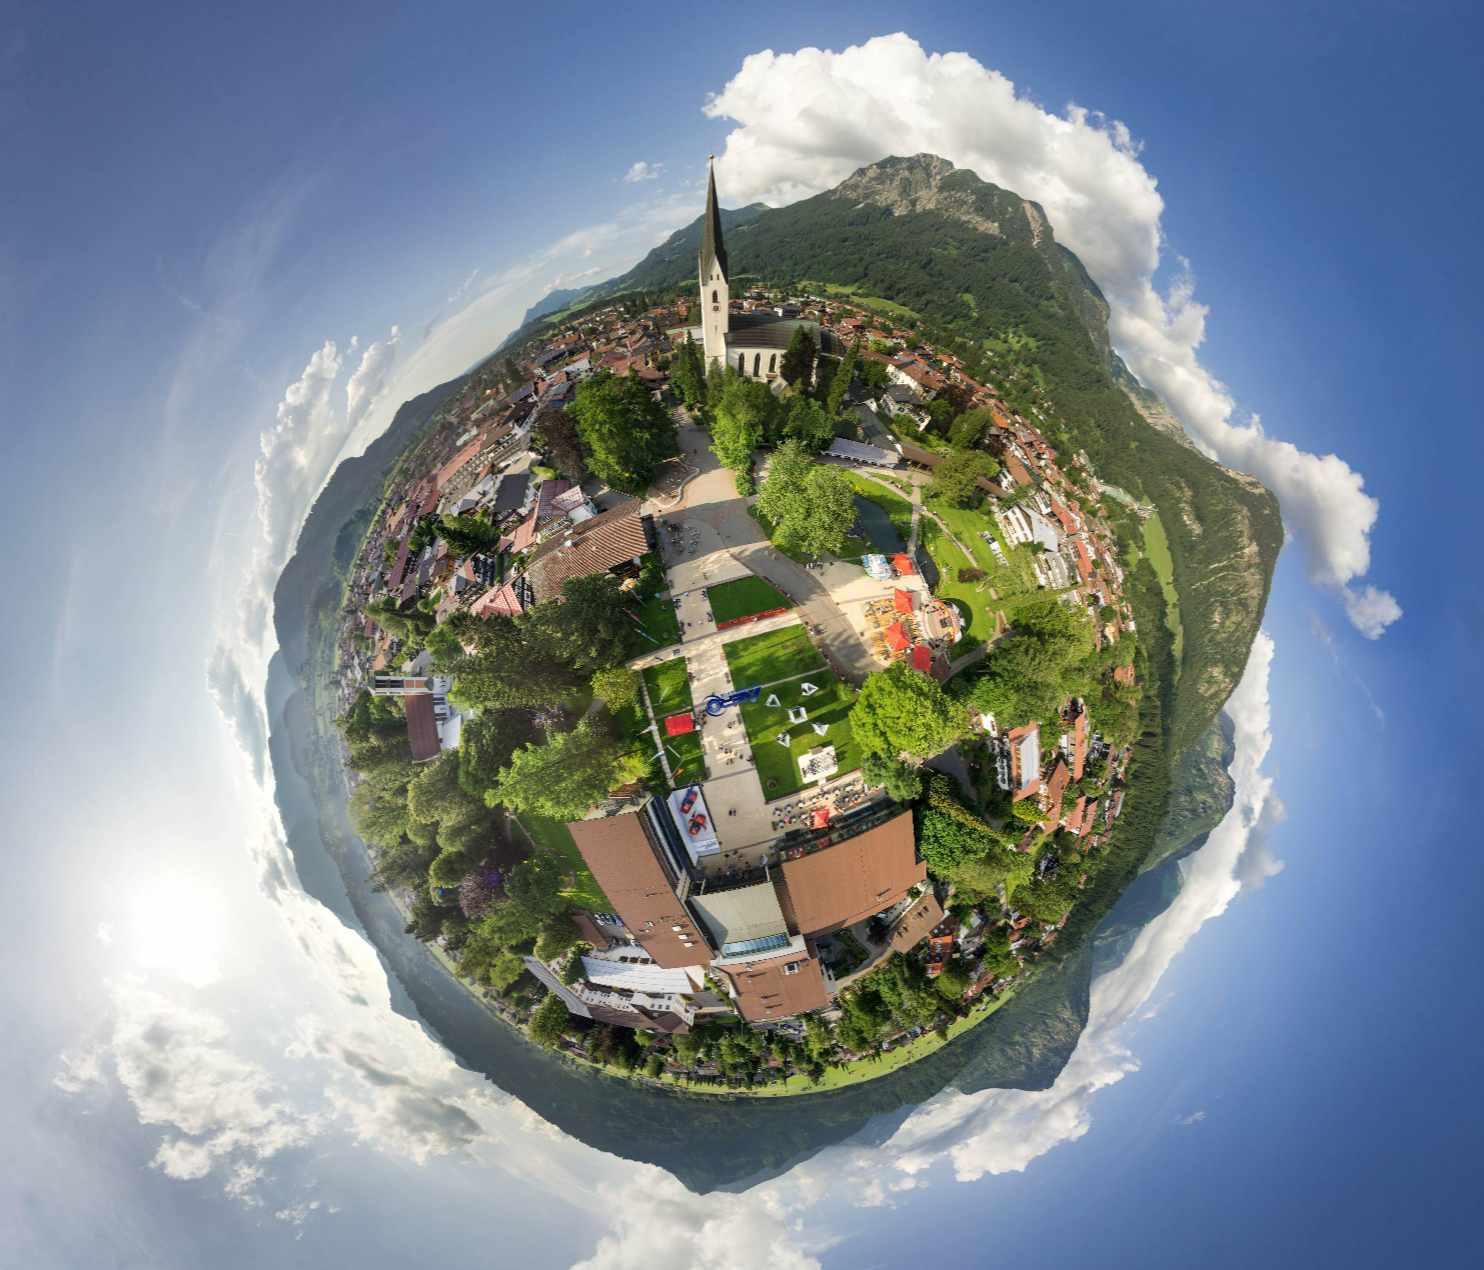 Luftaufnahme Fotogipfel Oberstdorf Haus nebelhornbahn fotogipfel oberstdorf luftbild